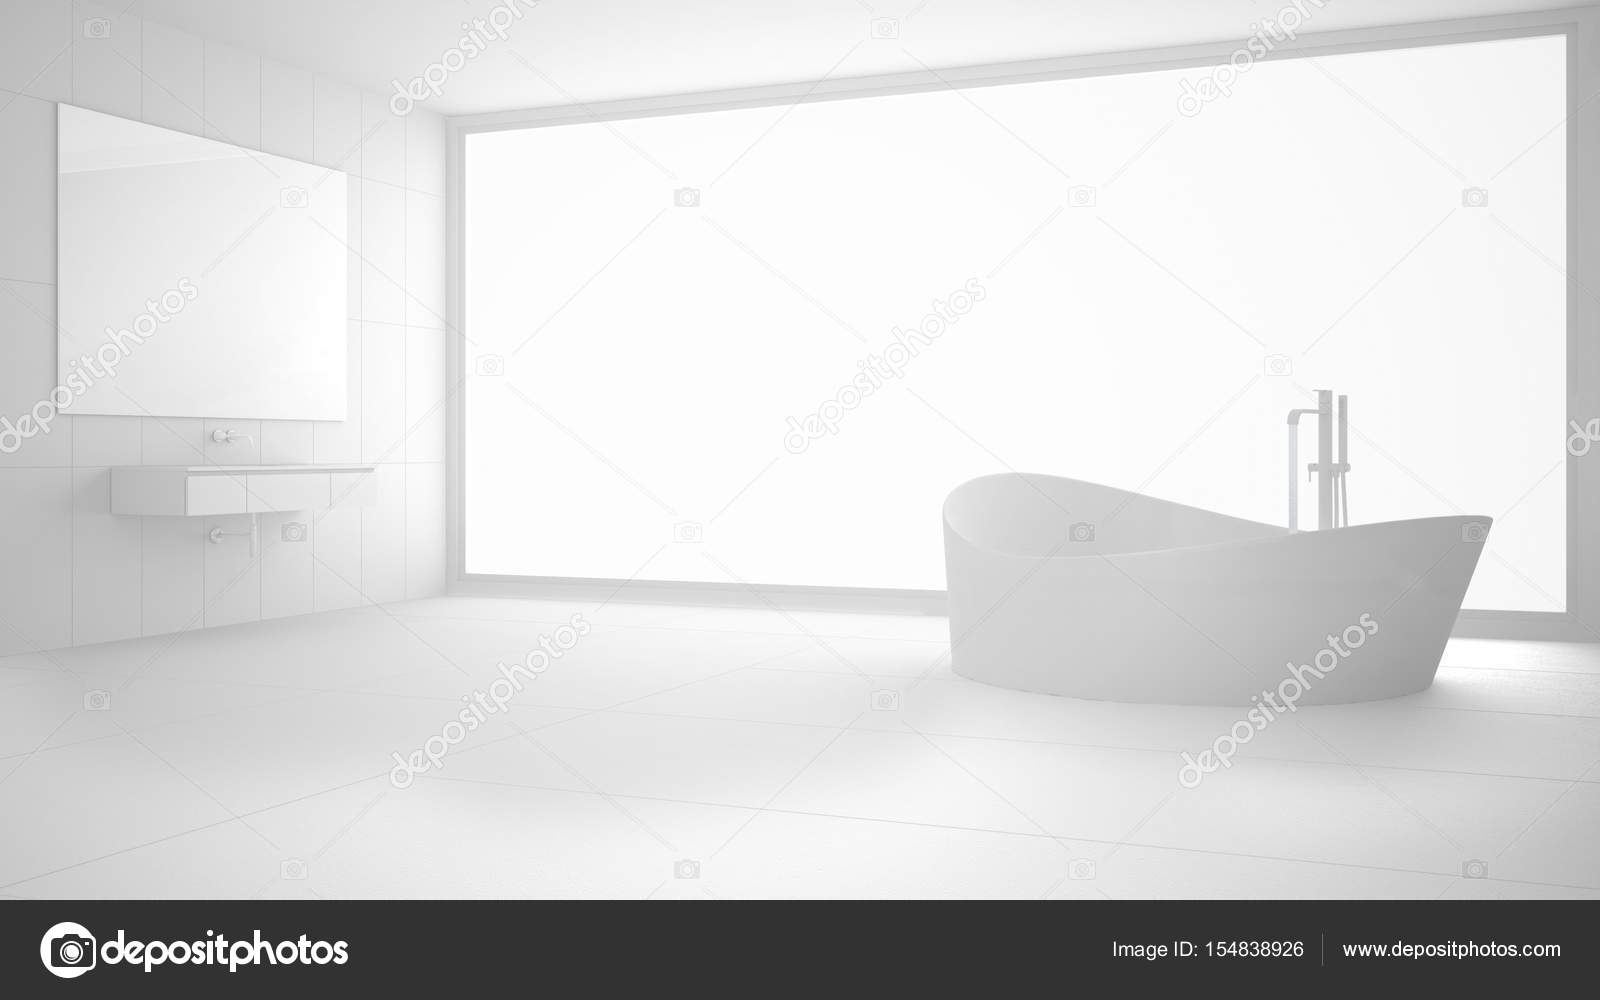 Totale witte moderne badkamer met groot raam minimalistisch